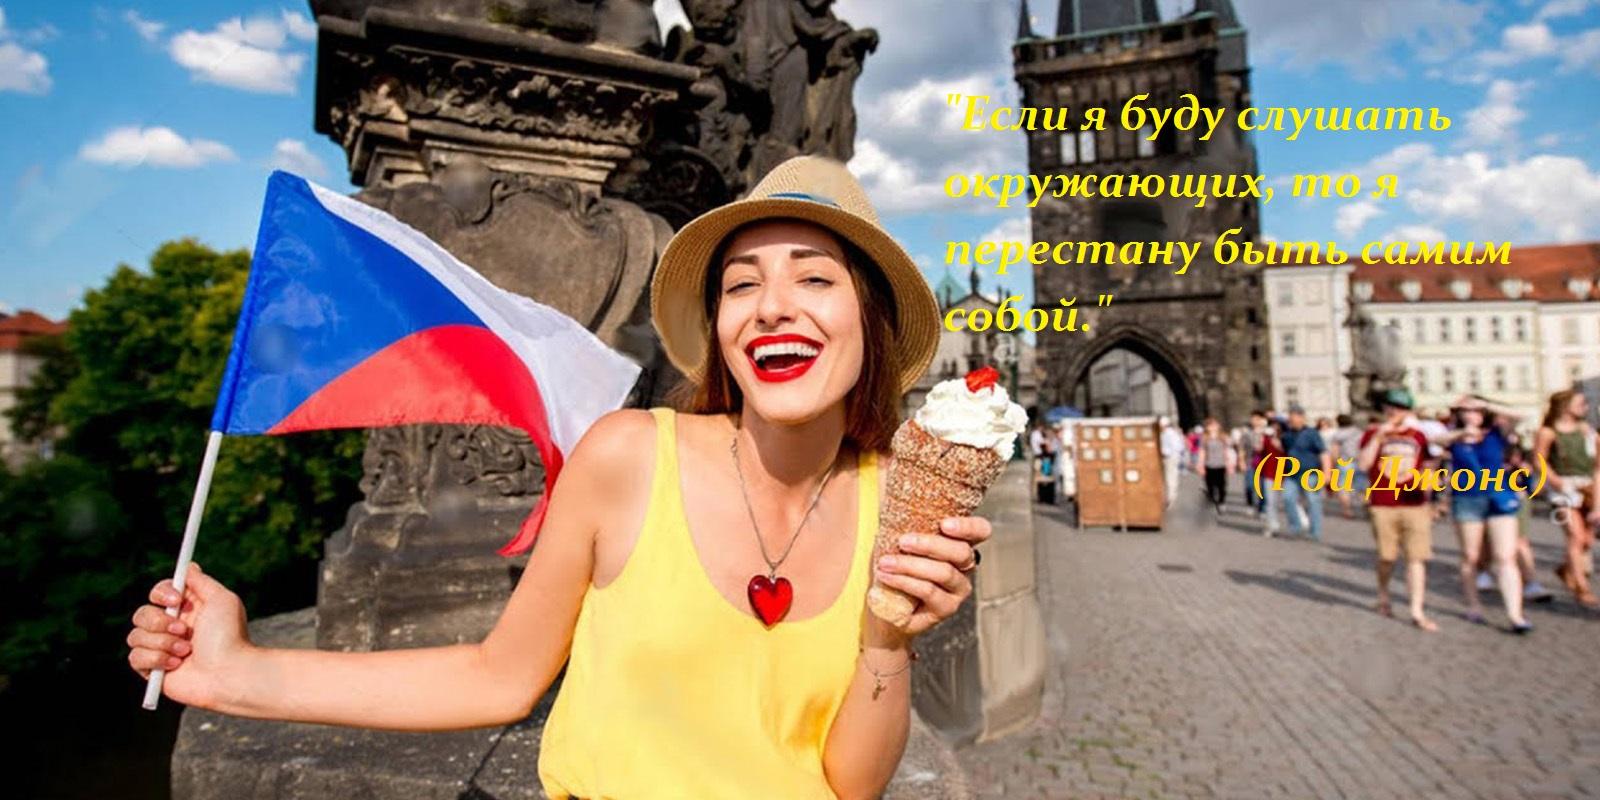 Минимальный комплект документов для получения гражданства ЕС! Опытные румынские адвокаты! Оплата по факту! Реальные корни!